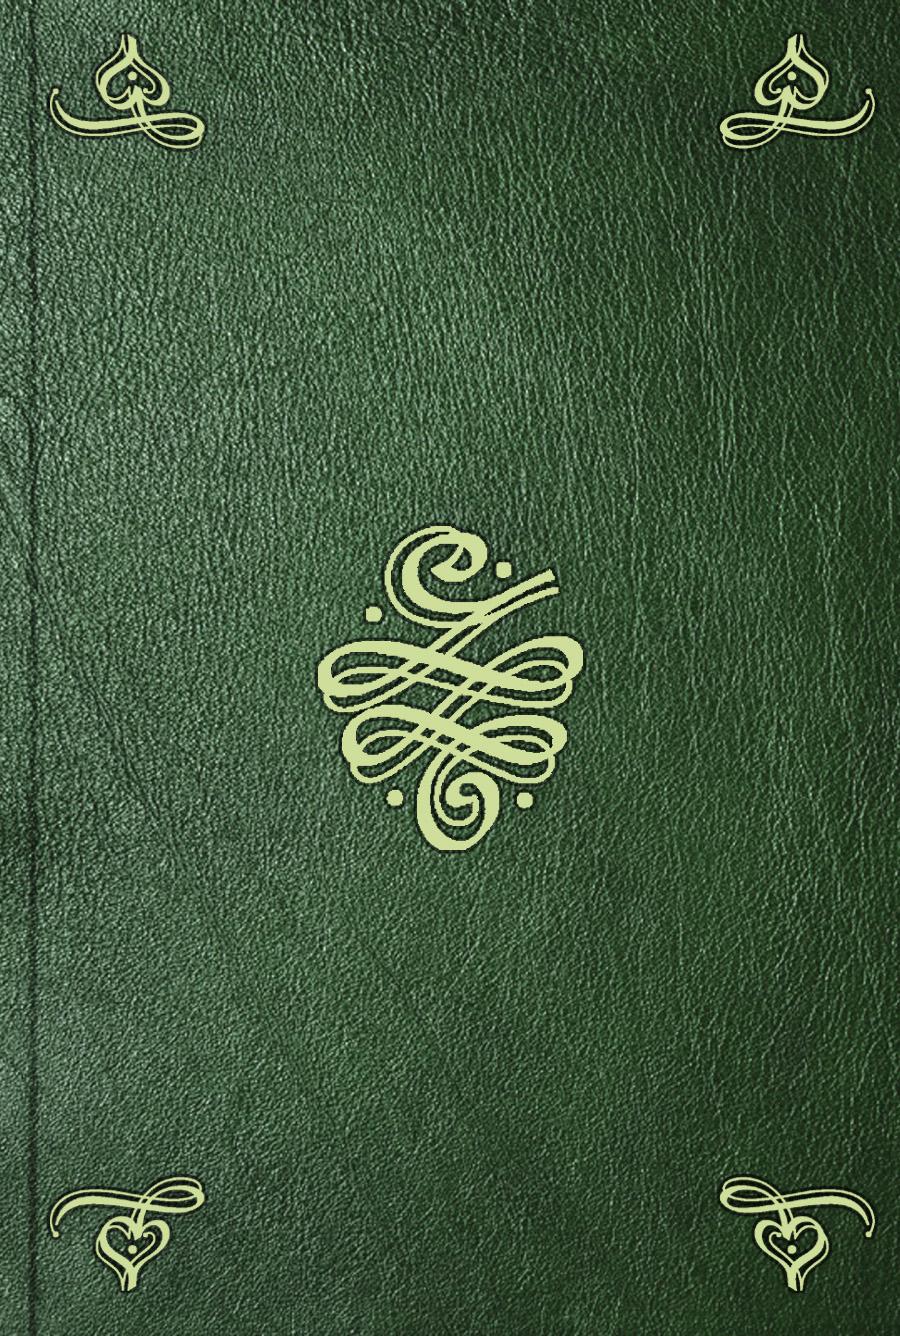 Oliver la Blairie Jupiter en bonne fortune laurence de savigny contes de la bonne maman classic reprint